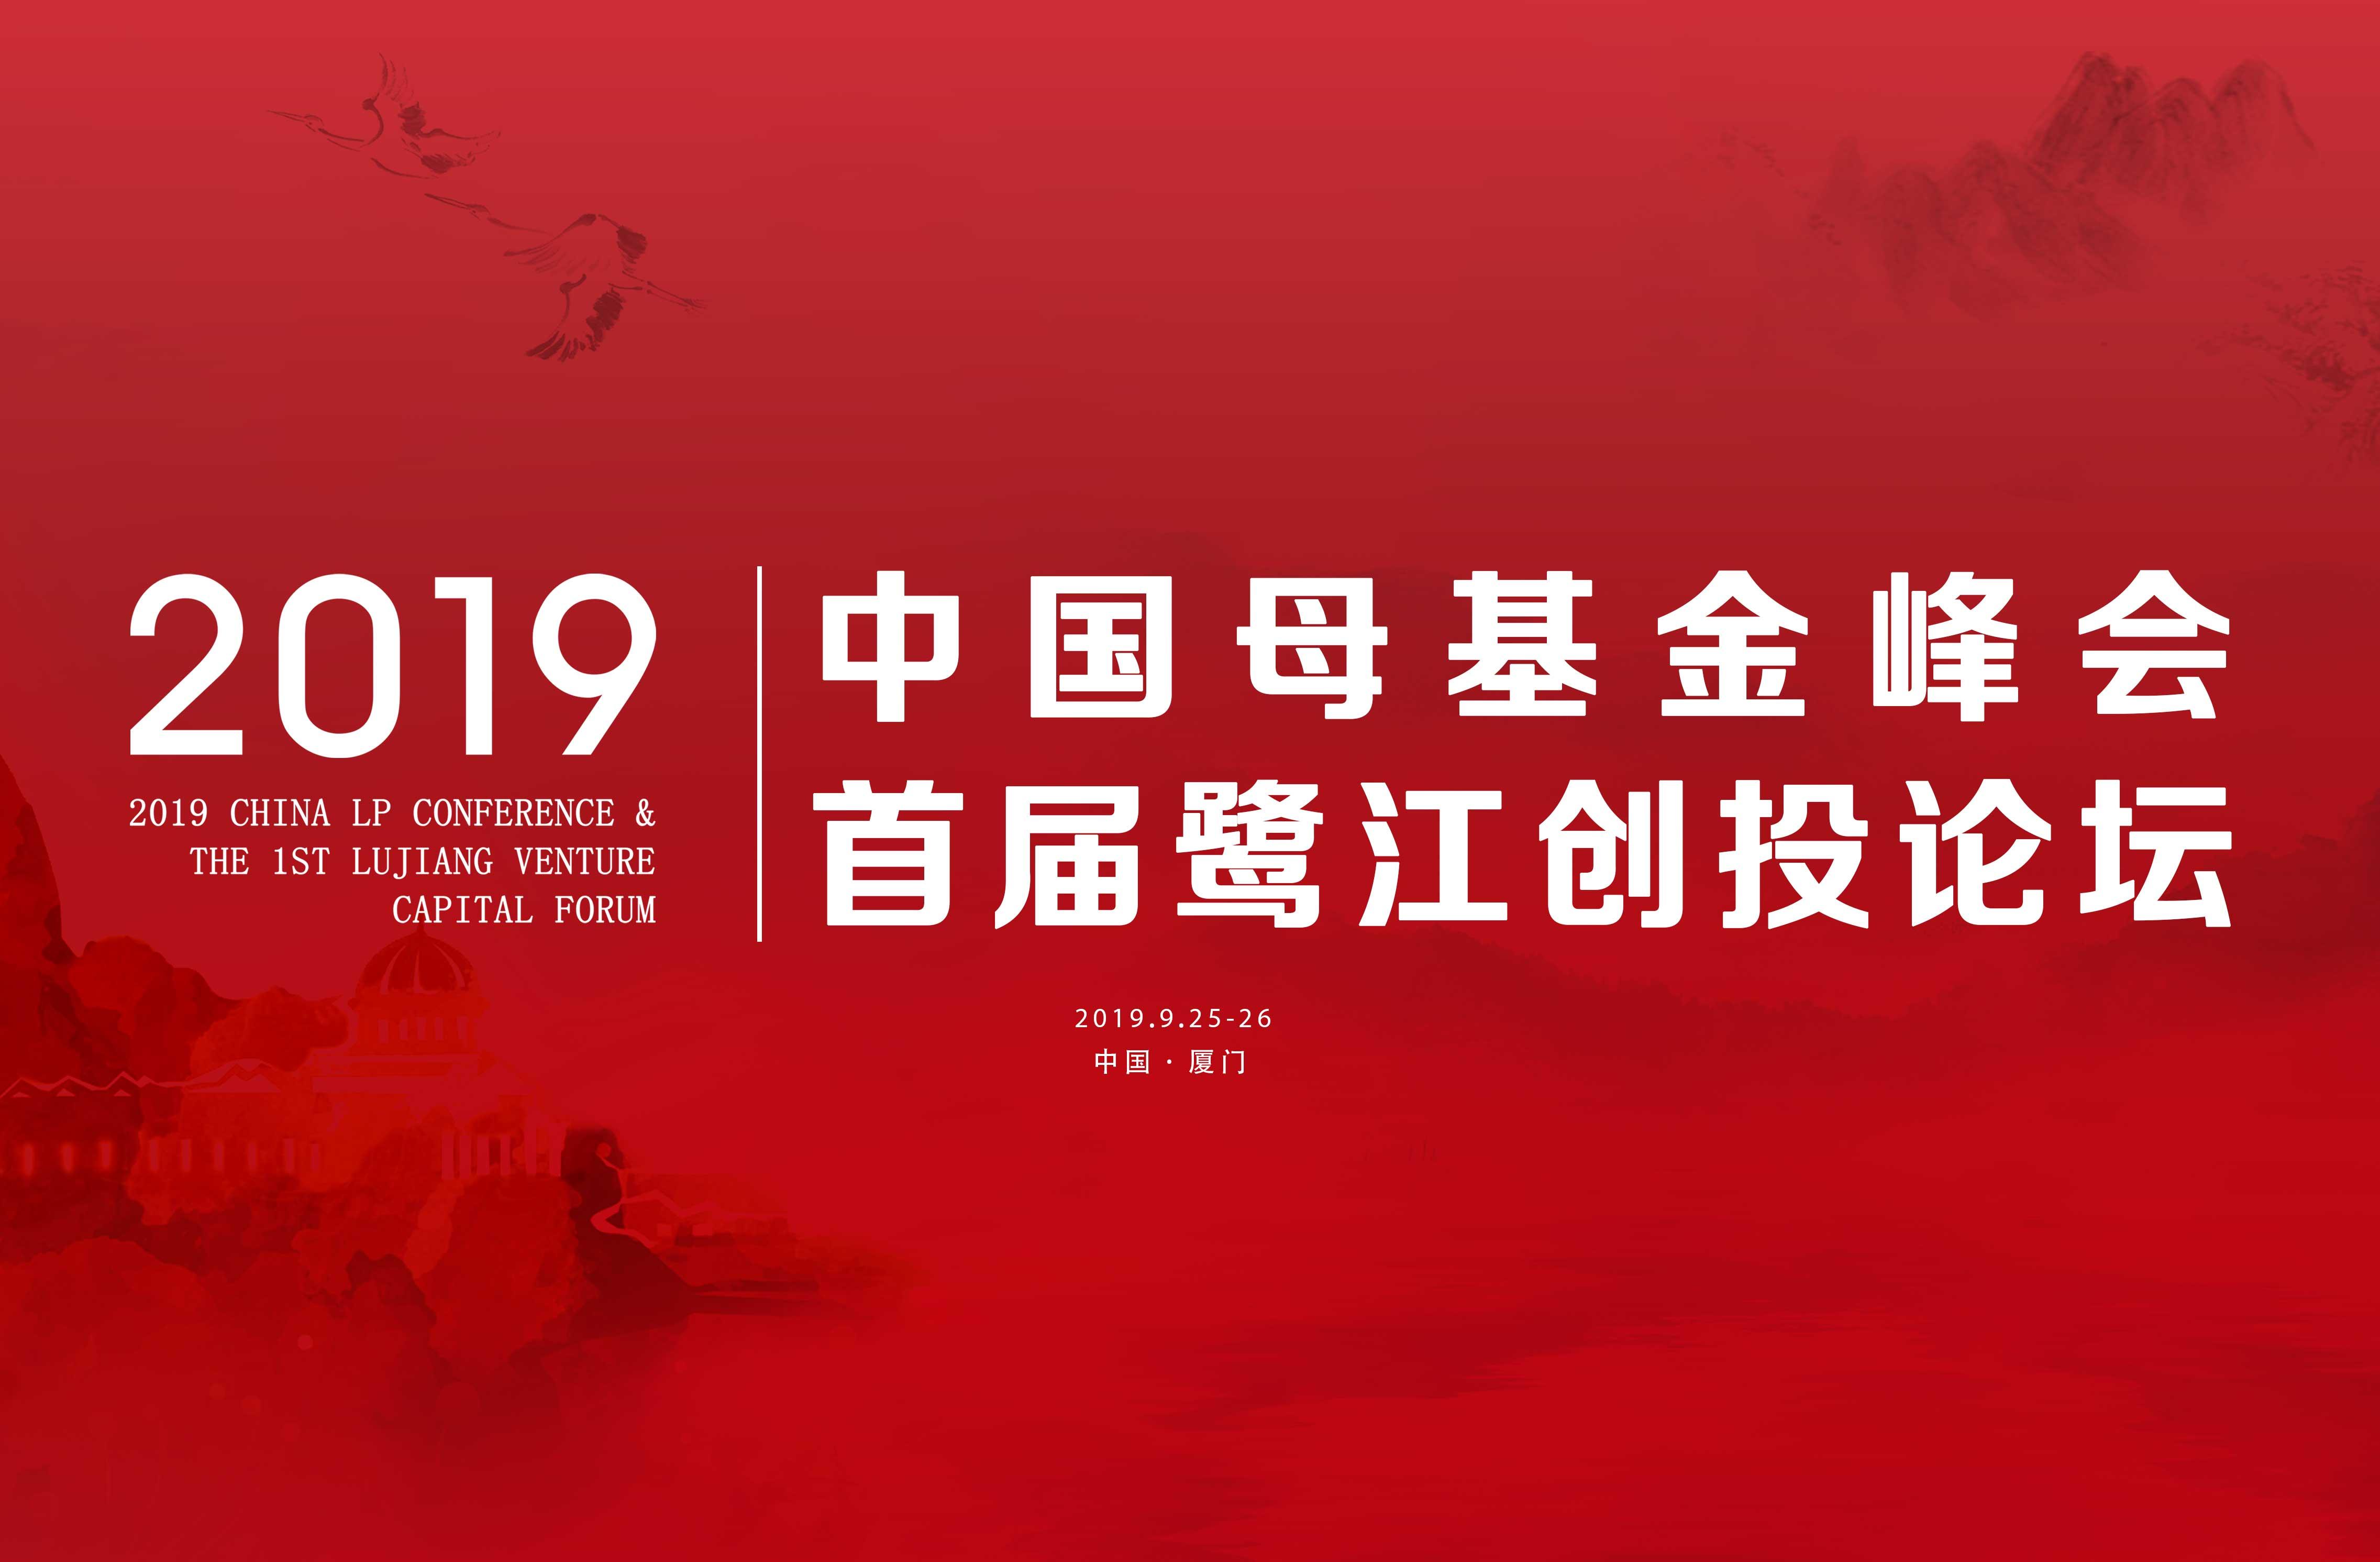 2019中国母基金峰会